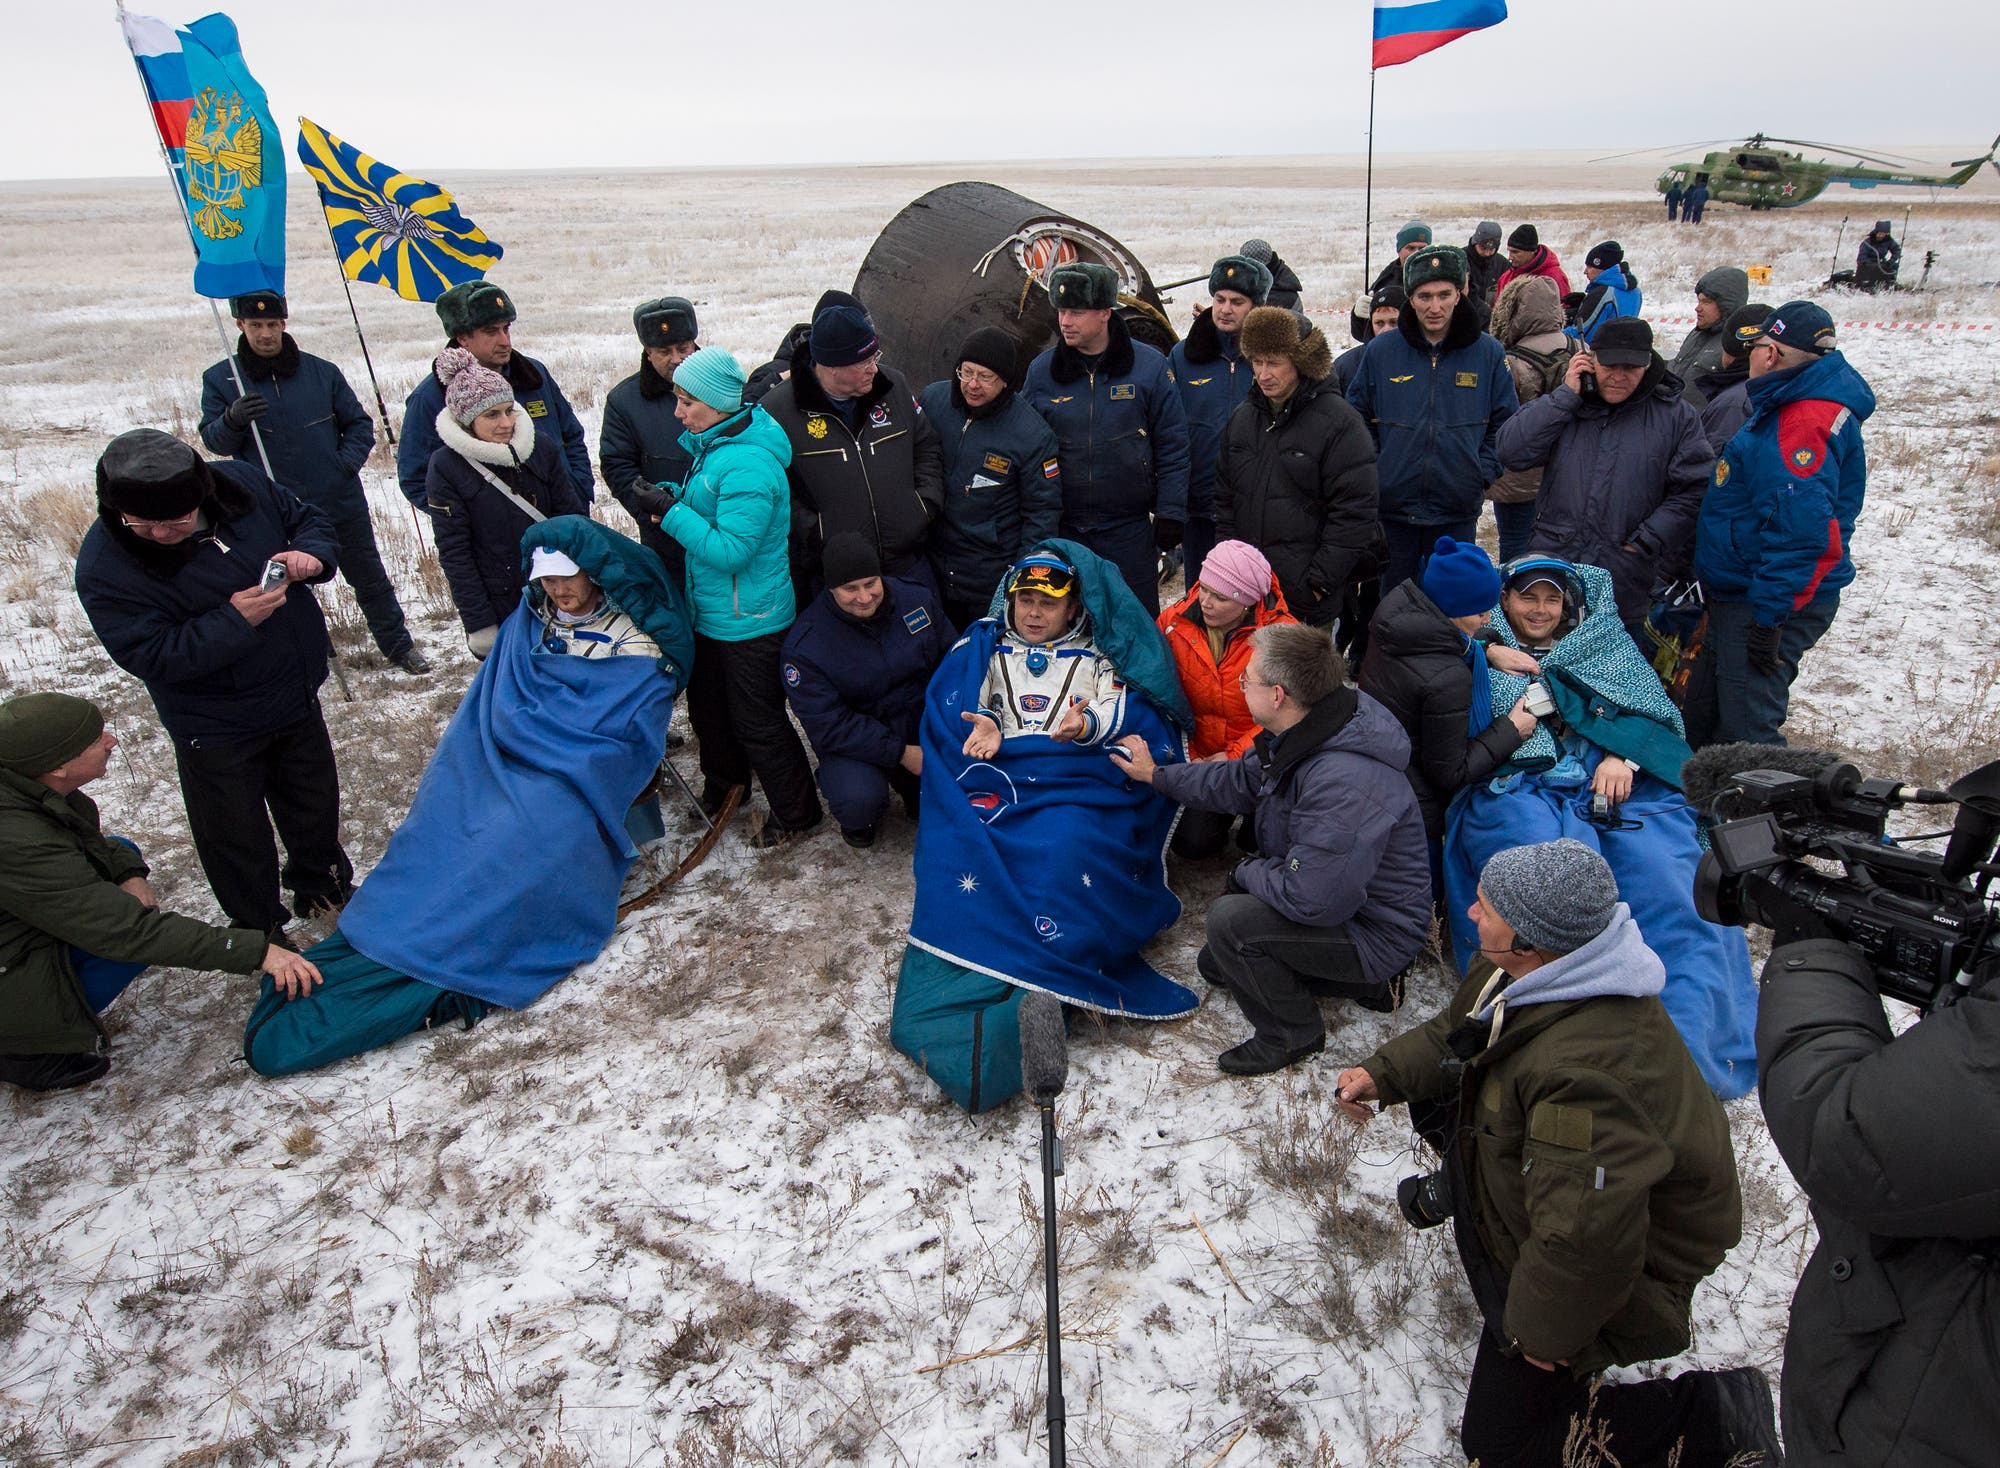 Am 10. November 2014 landeten Alexander Gerst und seine Kollegen Max Suraev von Roscosmos und Reid Wiseman von der NASA sicher und wohlbehalten in der kasachischen Steppe.